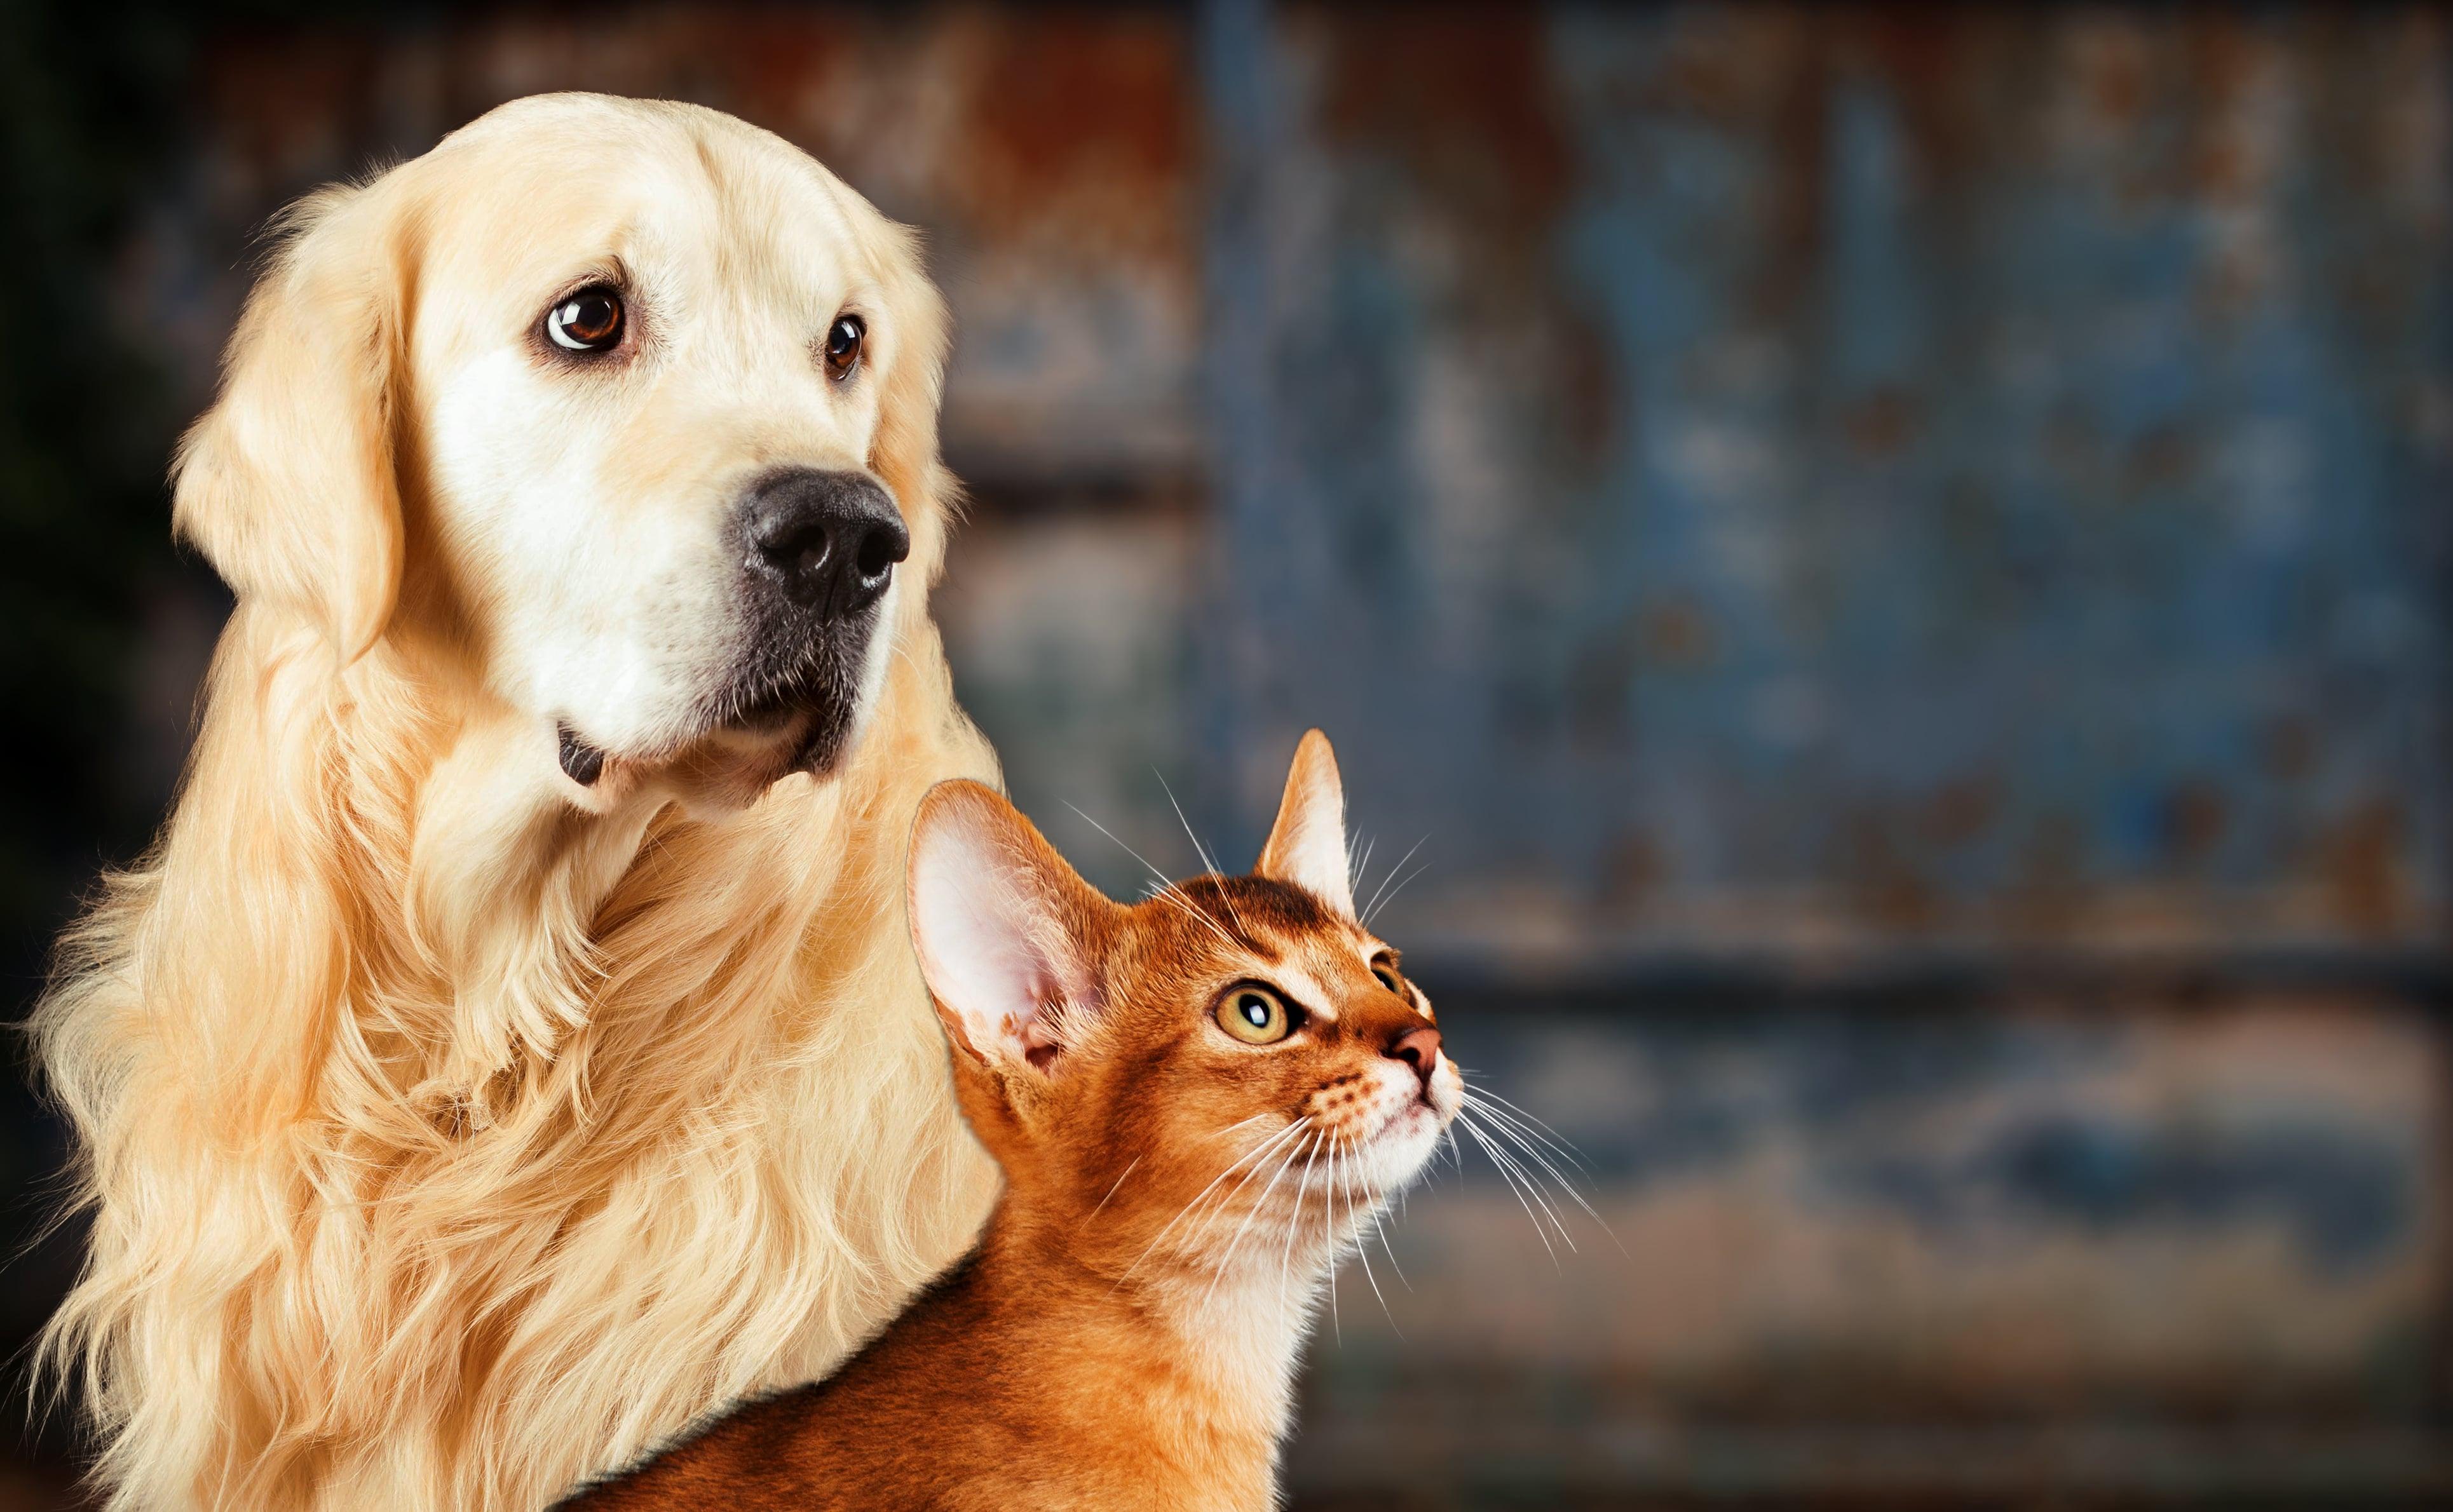 Um golden retrieven e um gato caramelo olham para a câmera.